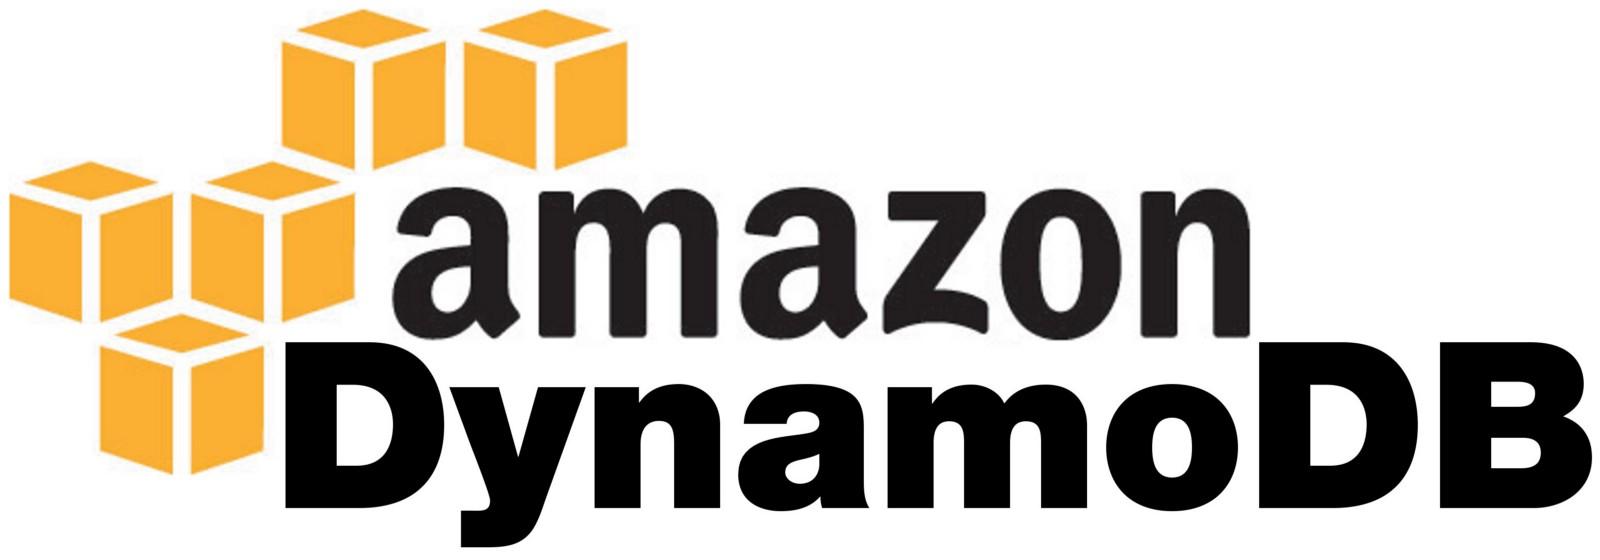 Dynamo: دیتابیس همواره دردسترس توزیع شده ی آمازون